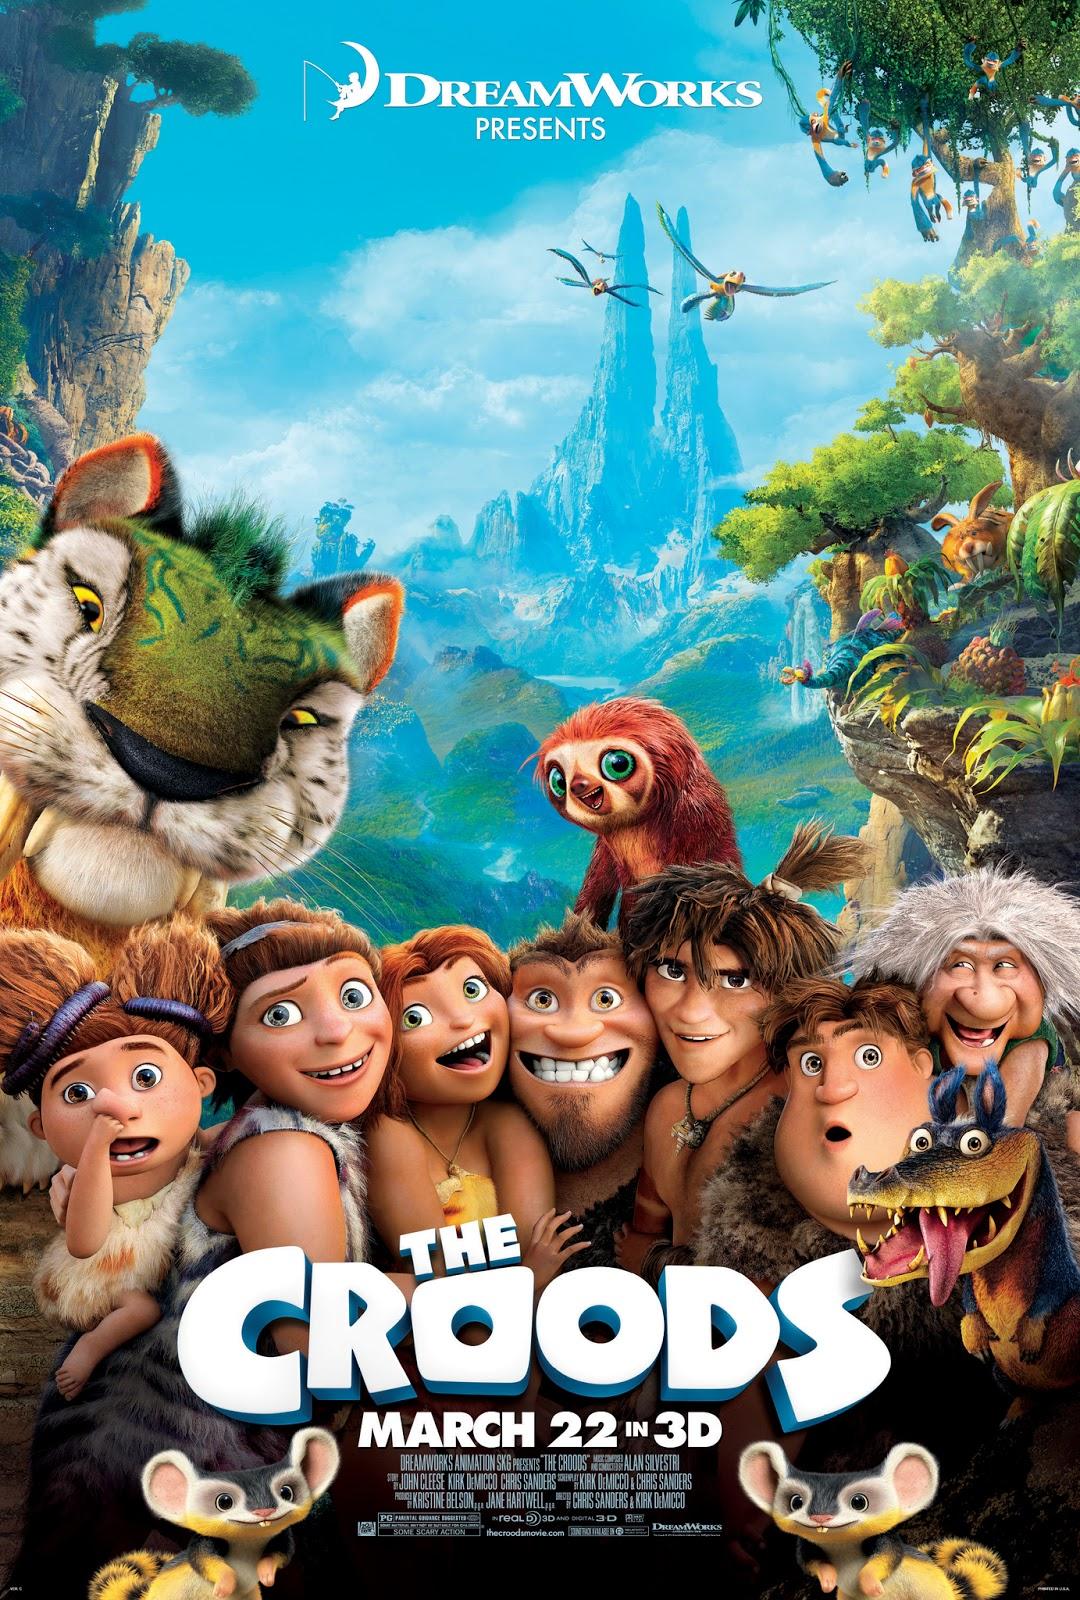 The Croods 2013 - Cuộc Phiêu Lưu Của Nhà Croods 2013 [hd]